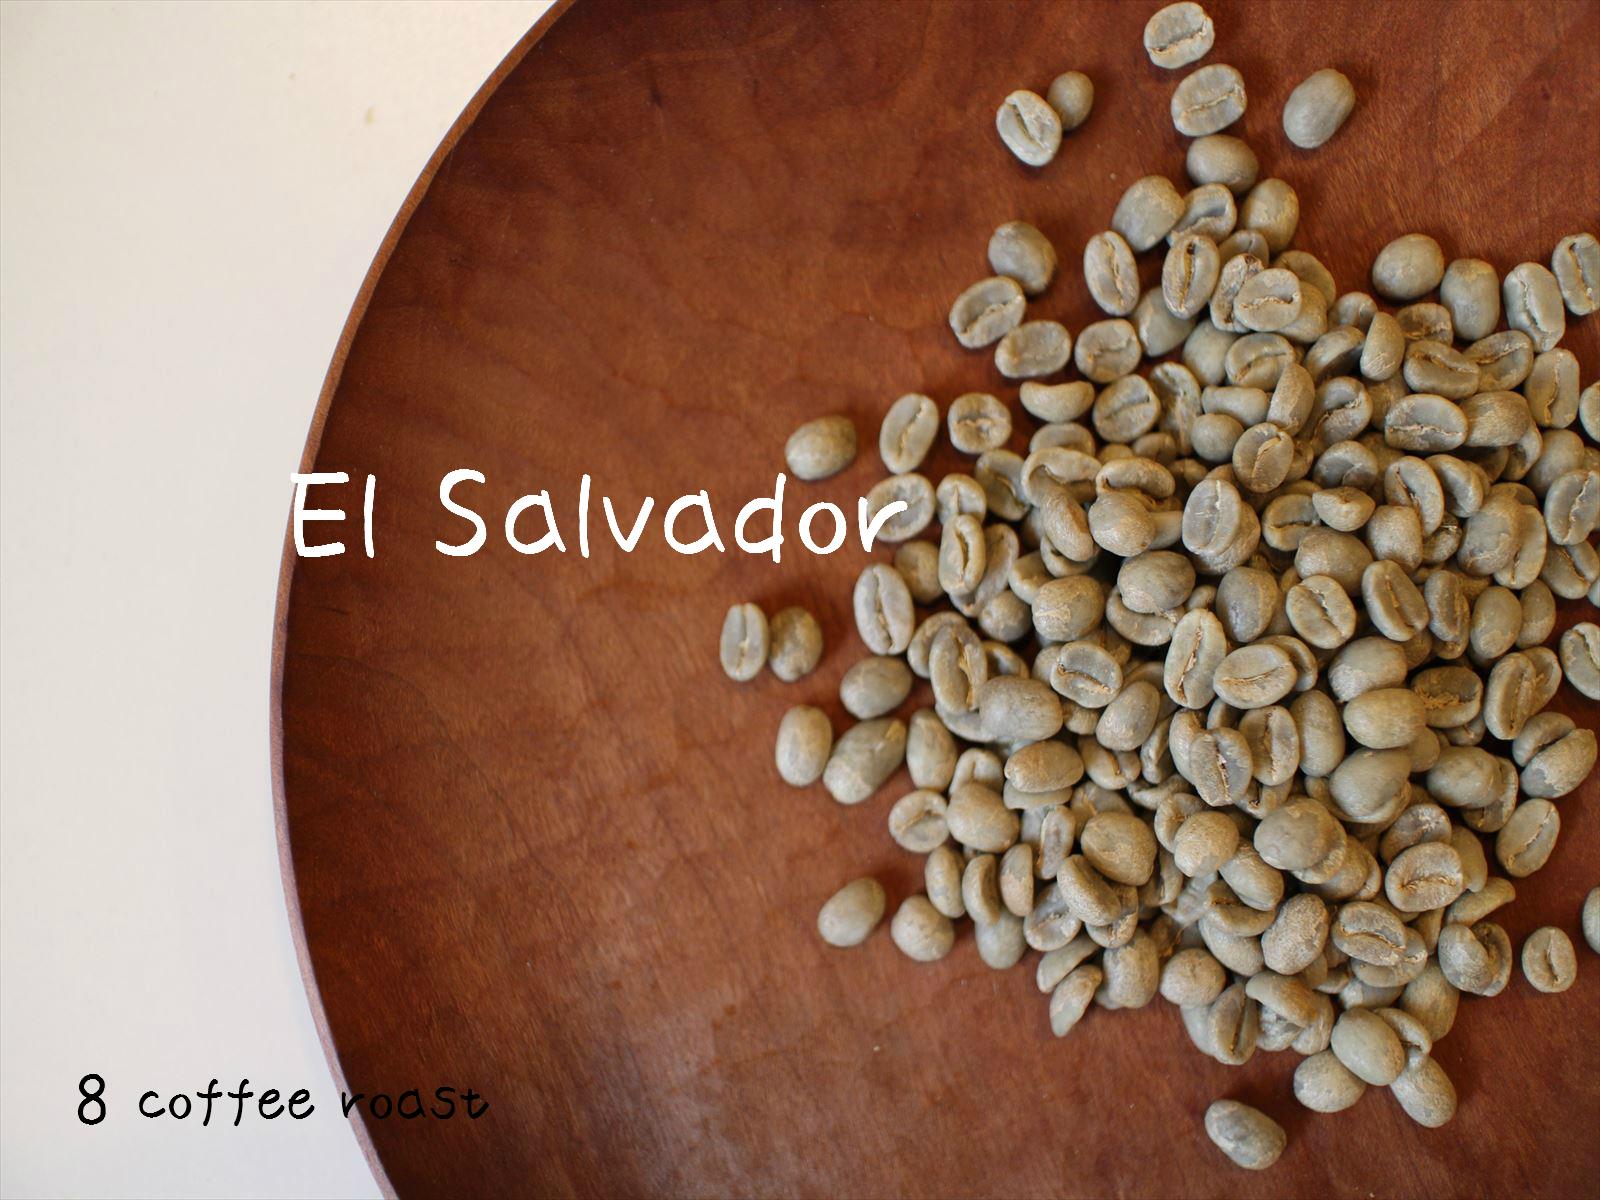 スピード対応 全国送料無料 コーヒー生豆 超特価SALE開催 エルサルバドル サンタリタ農園 内容量 50g